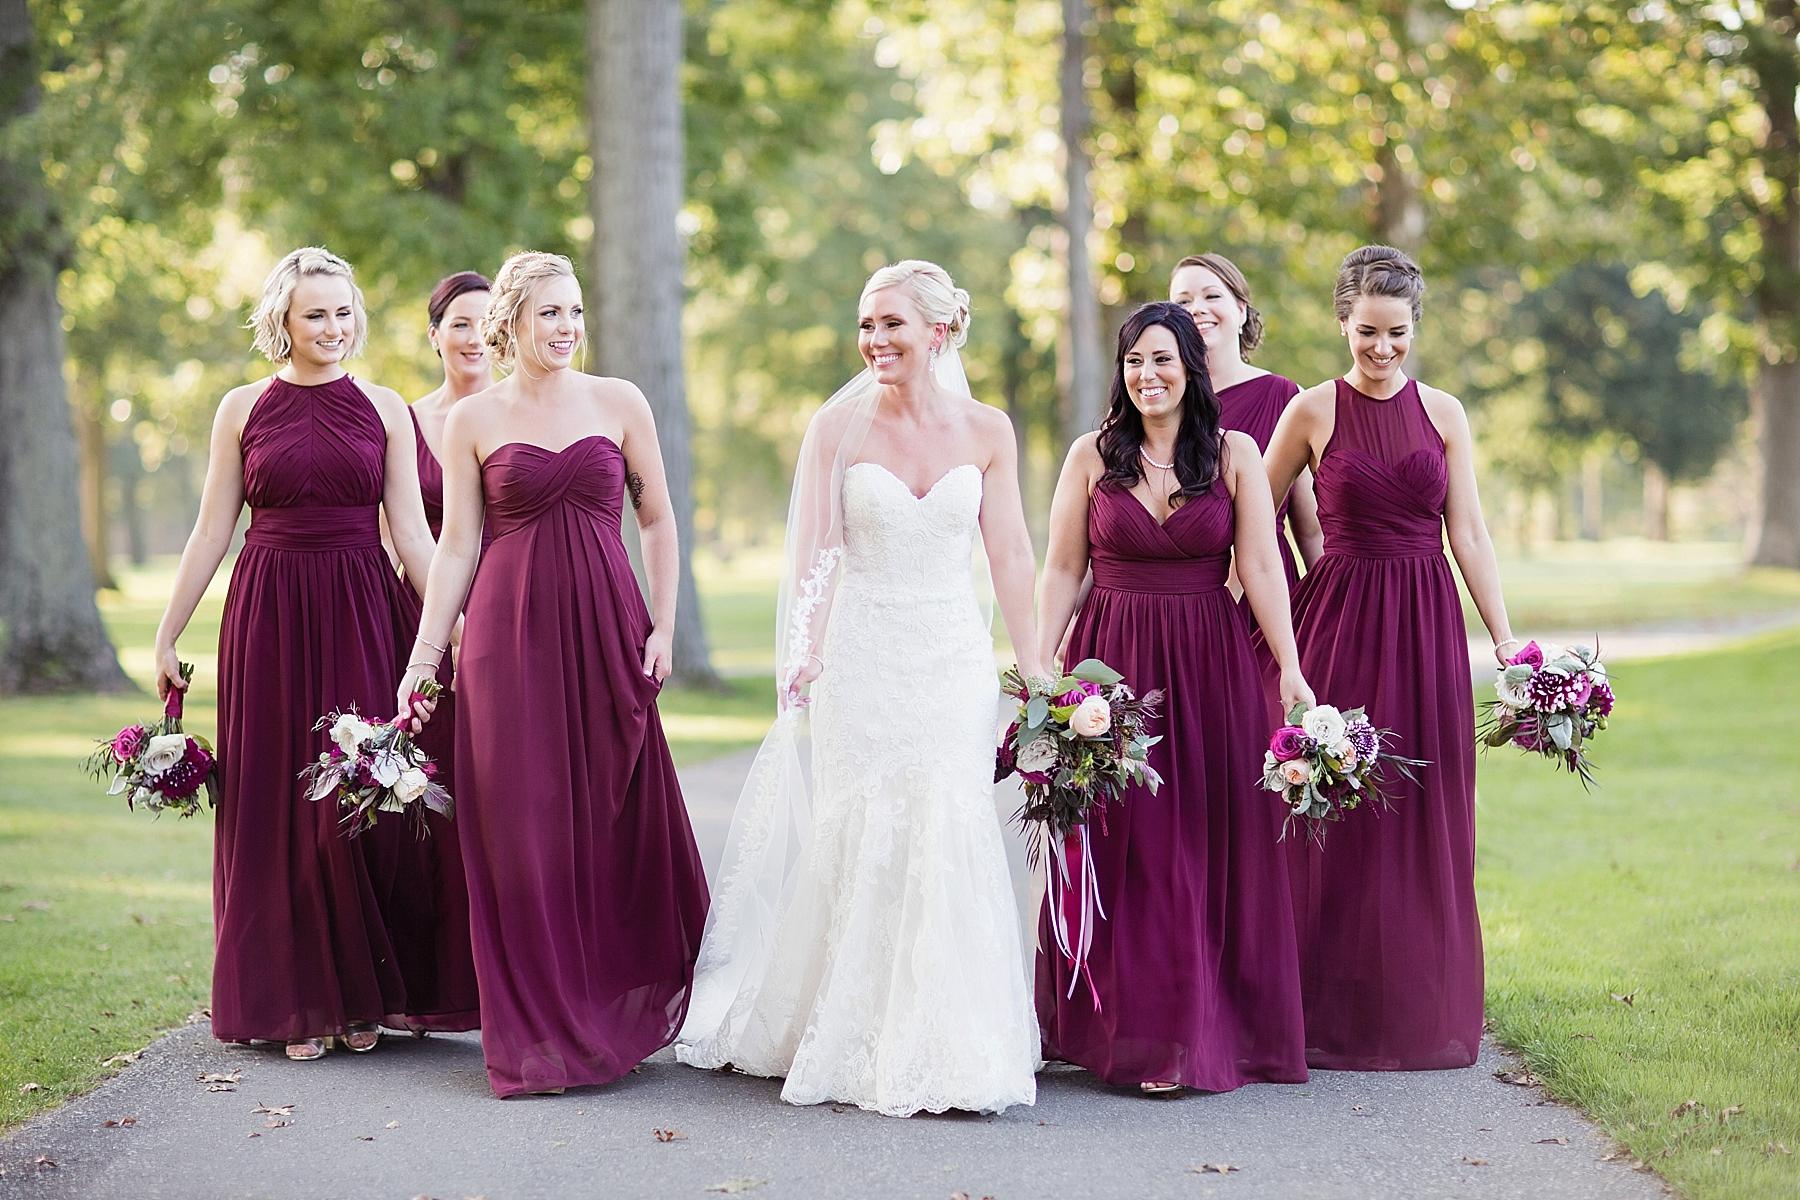 windsor-wedding-photographer-essex-golf-country-club-wedding-eryn-shea-photography_0042.jpg